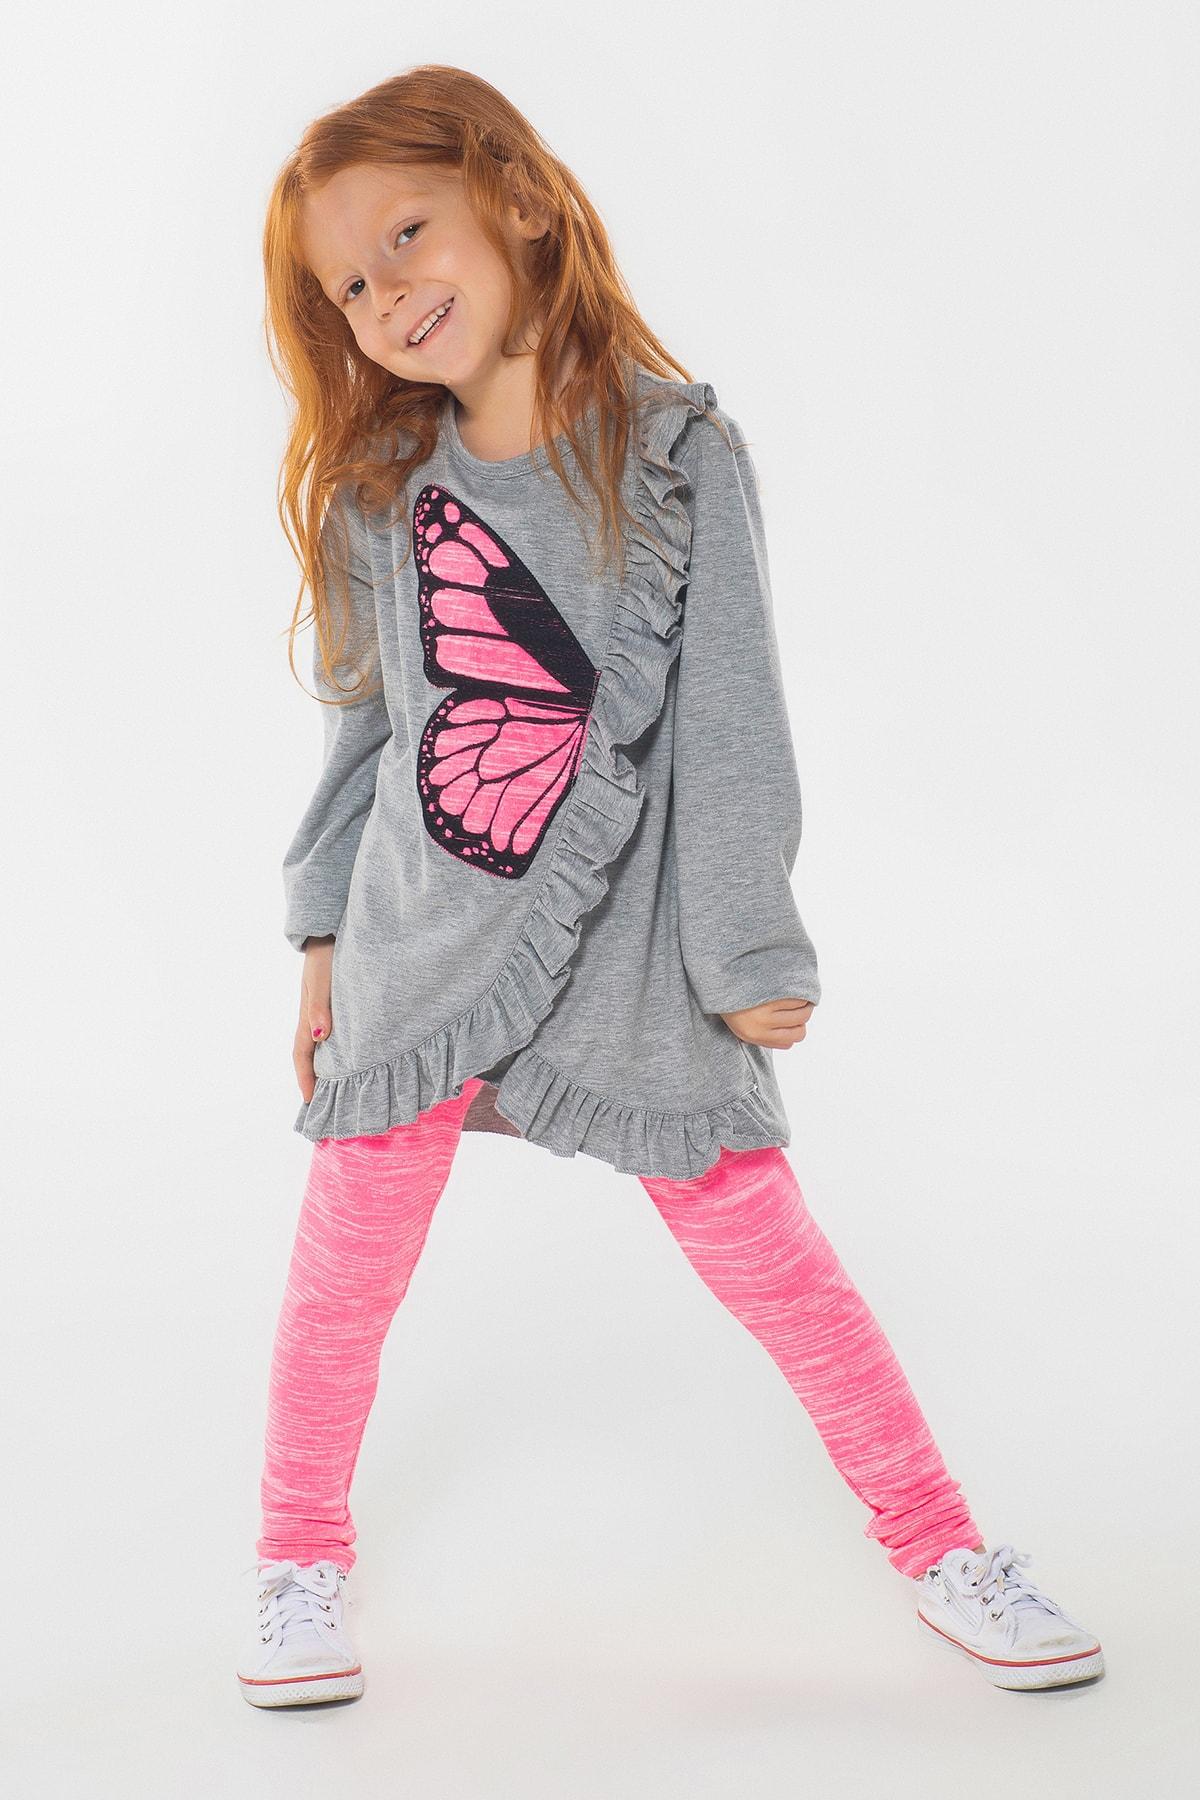 Kelebek Fırfır Kız Çocuk Tunik + Tayt Takım